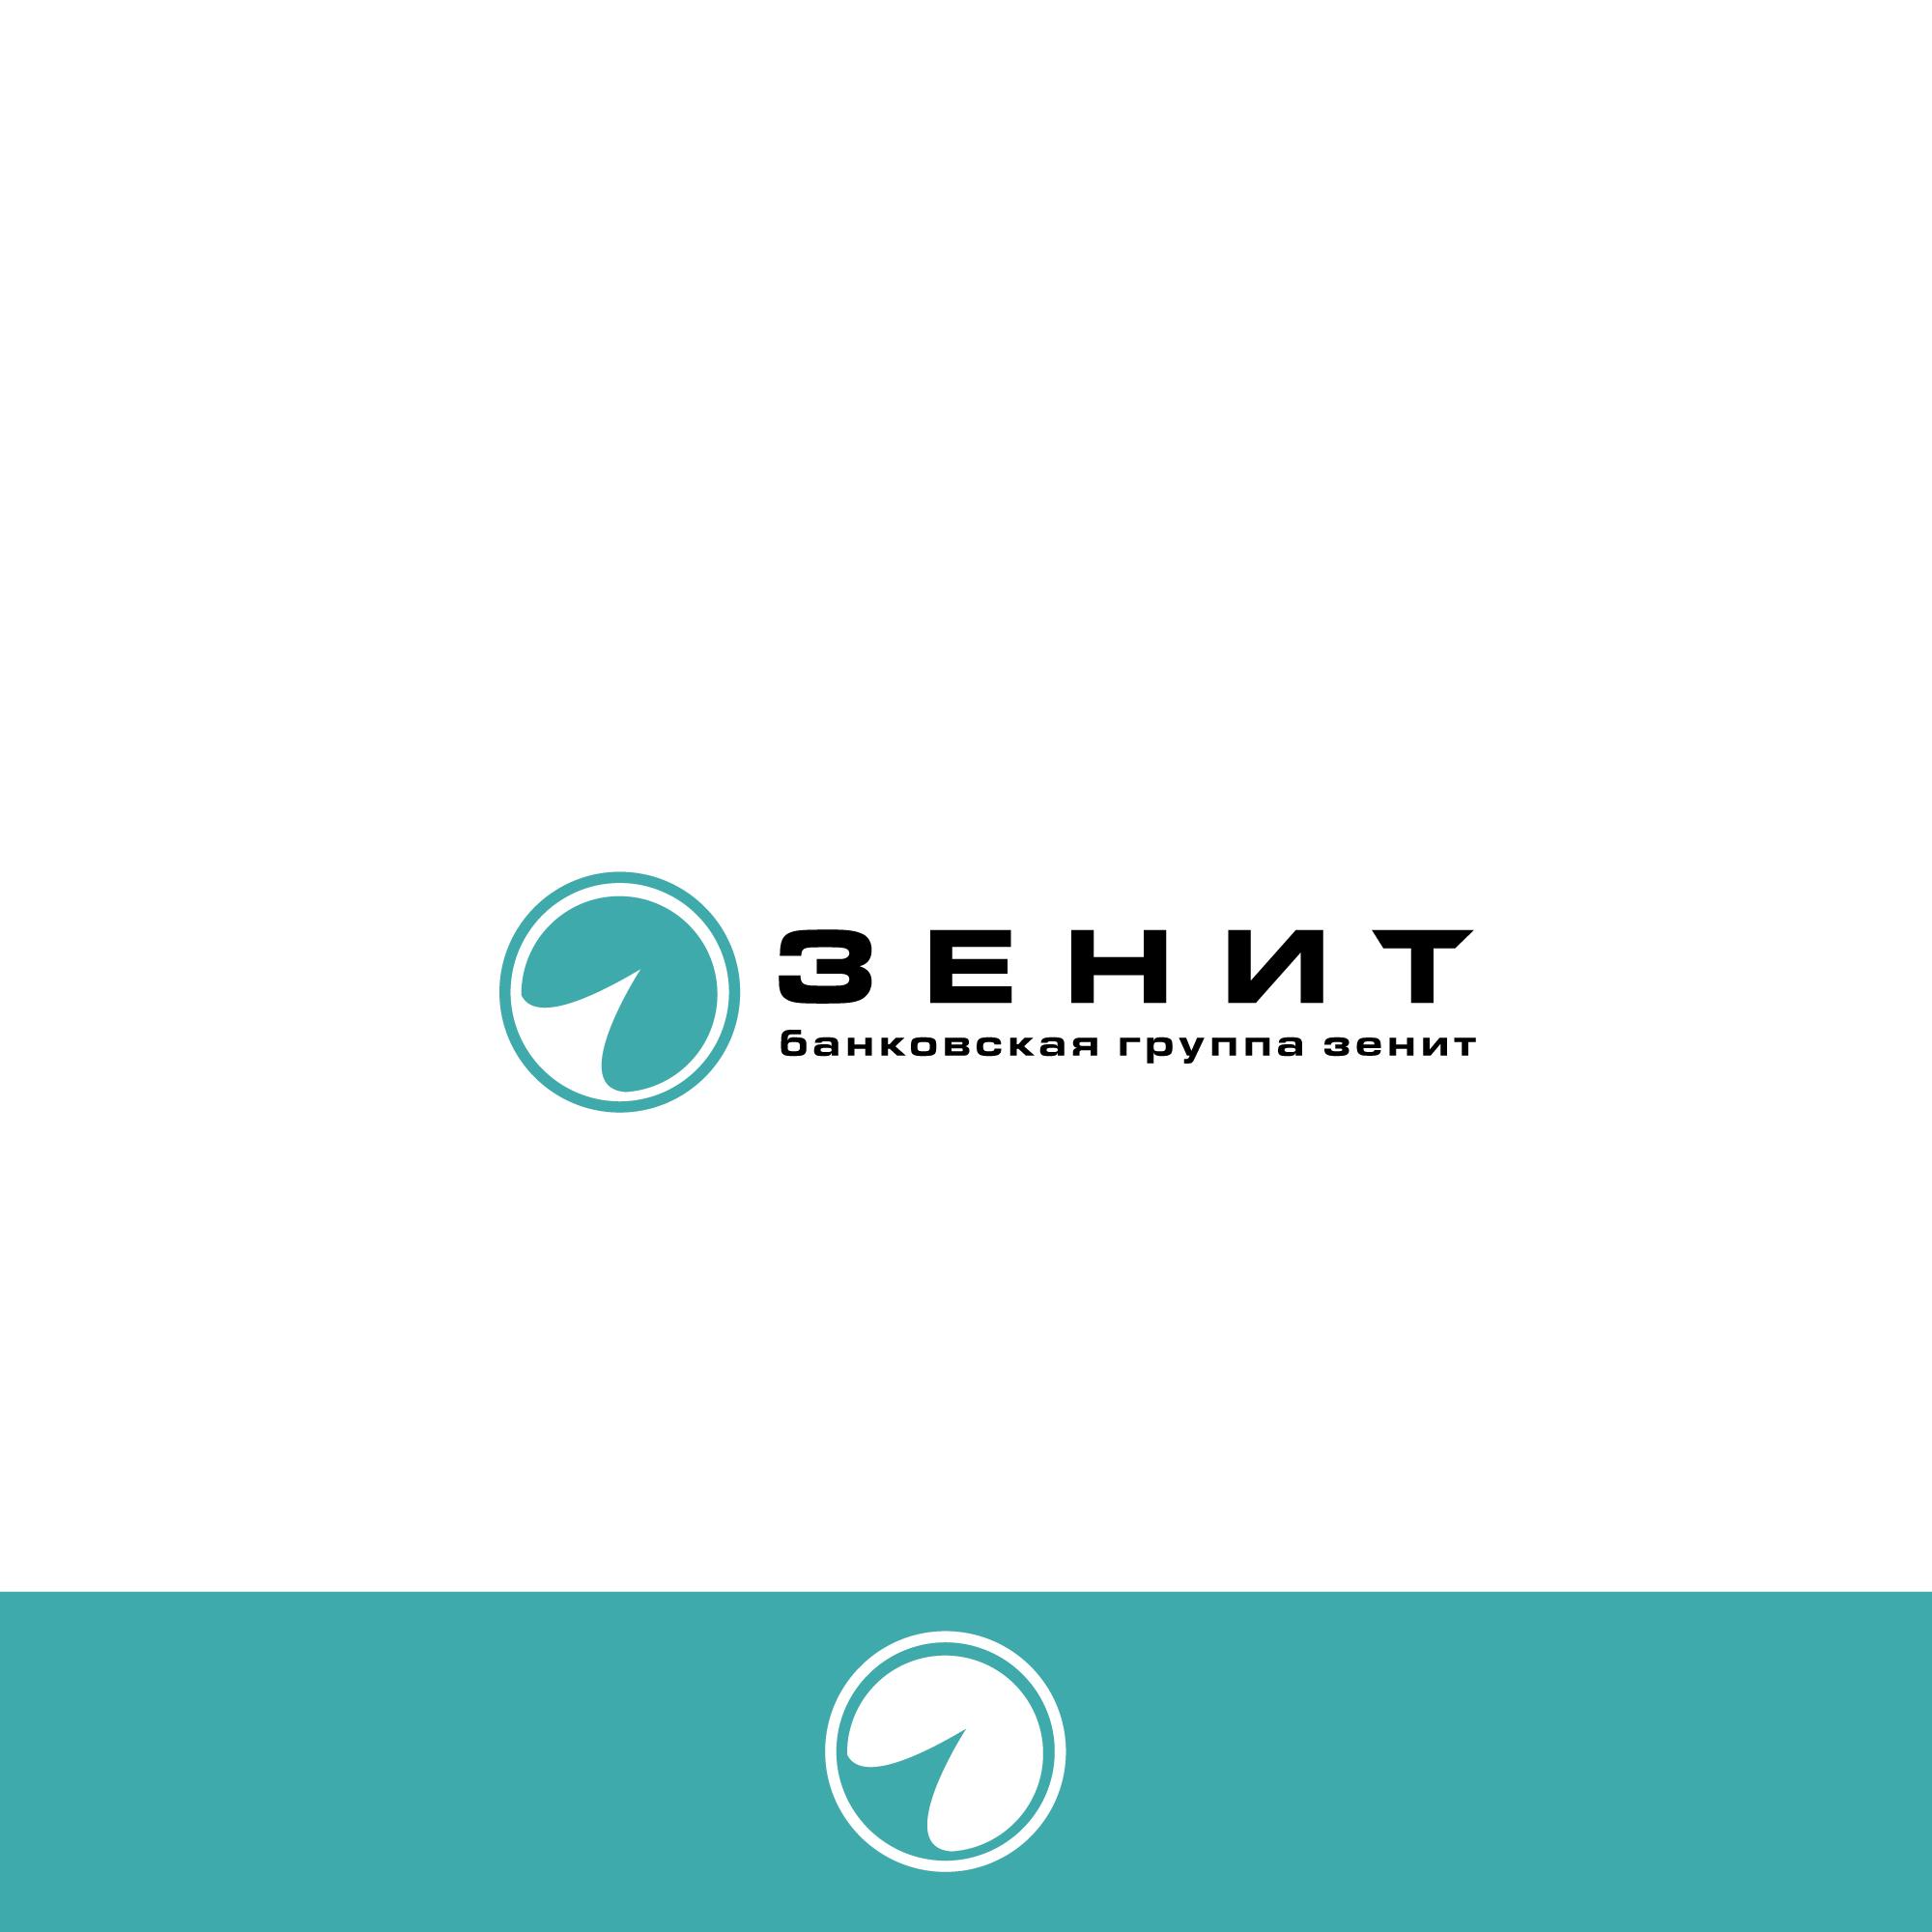 Разработка логотипа для Банка ЗЕНИТ фото f_7825b4a86f861b01.jpg